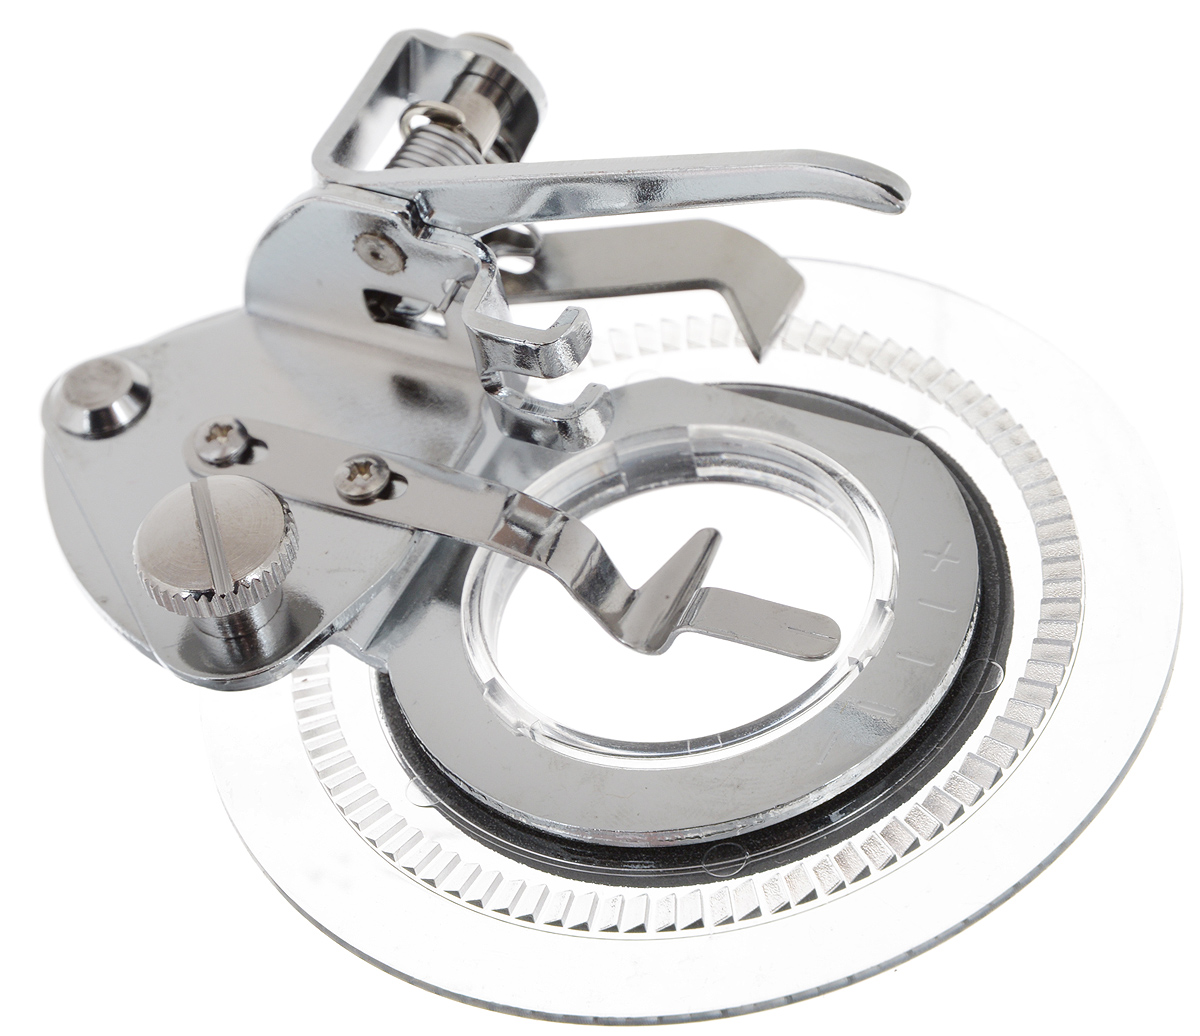 Лапка для швейной машины Aurora, для шитья узоровSM 10-09Лапка для швейной машины Aurora используется для шитья декоративных узоров по кругу. Подходит для большинства современных бытовых швейных машин. Инструкция по использованию прилагается.